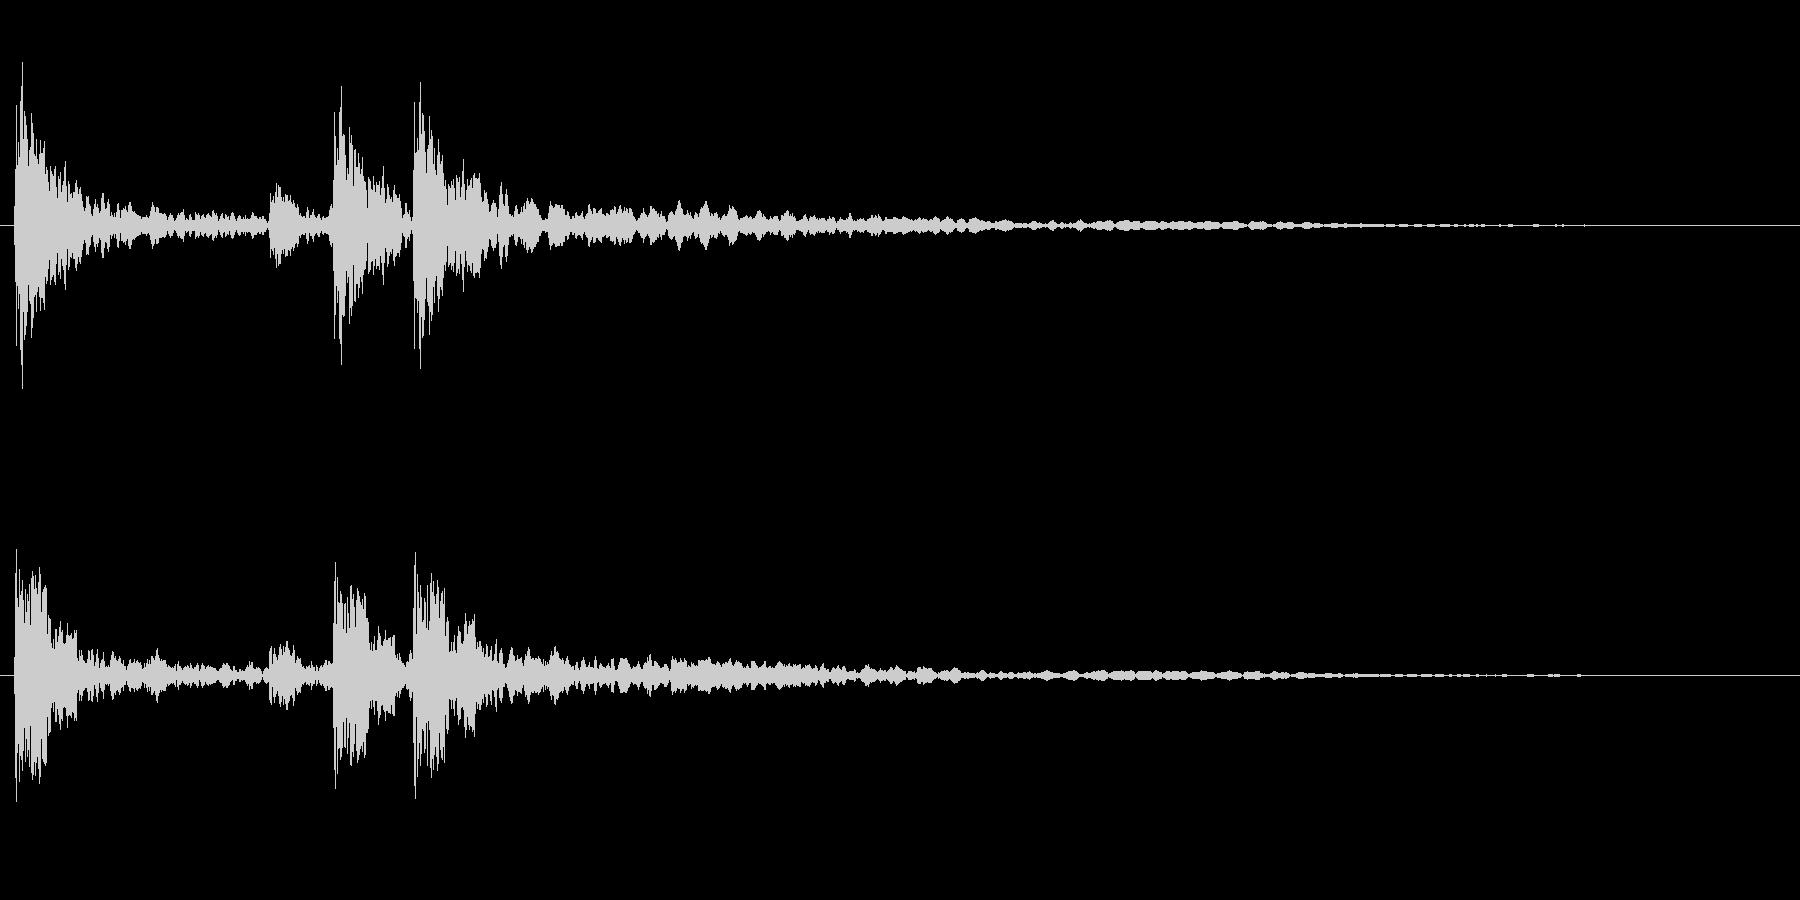 サスペンスに最適!ピアノの弦を弄ぶ音48の未再生の波形